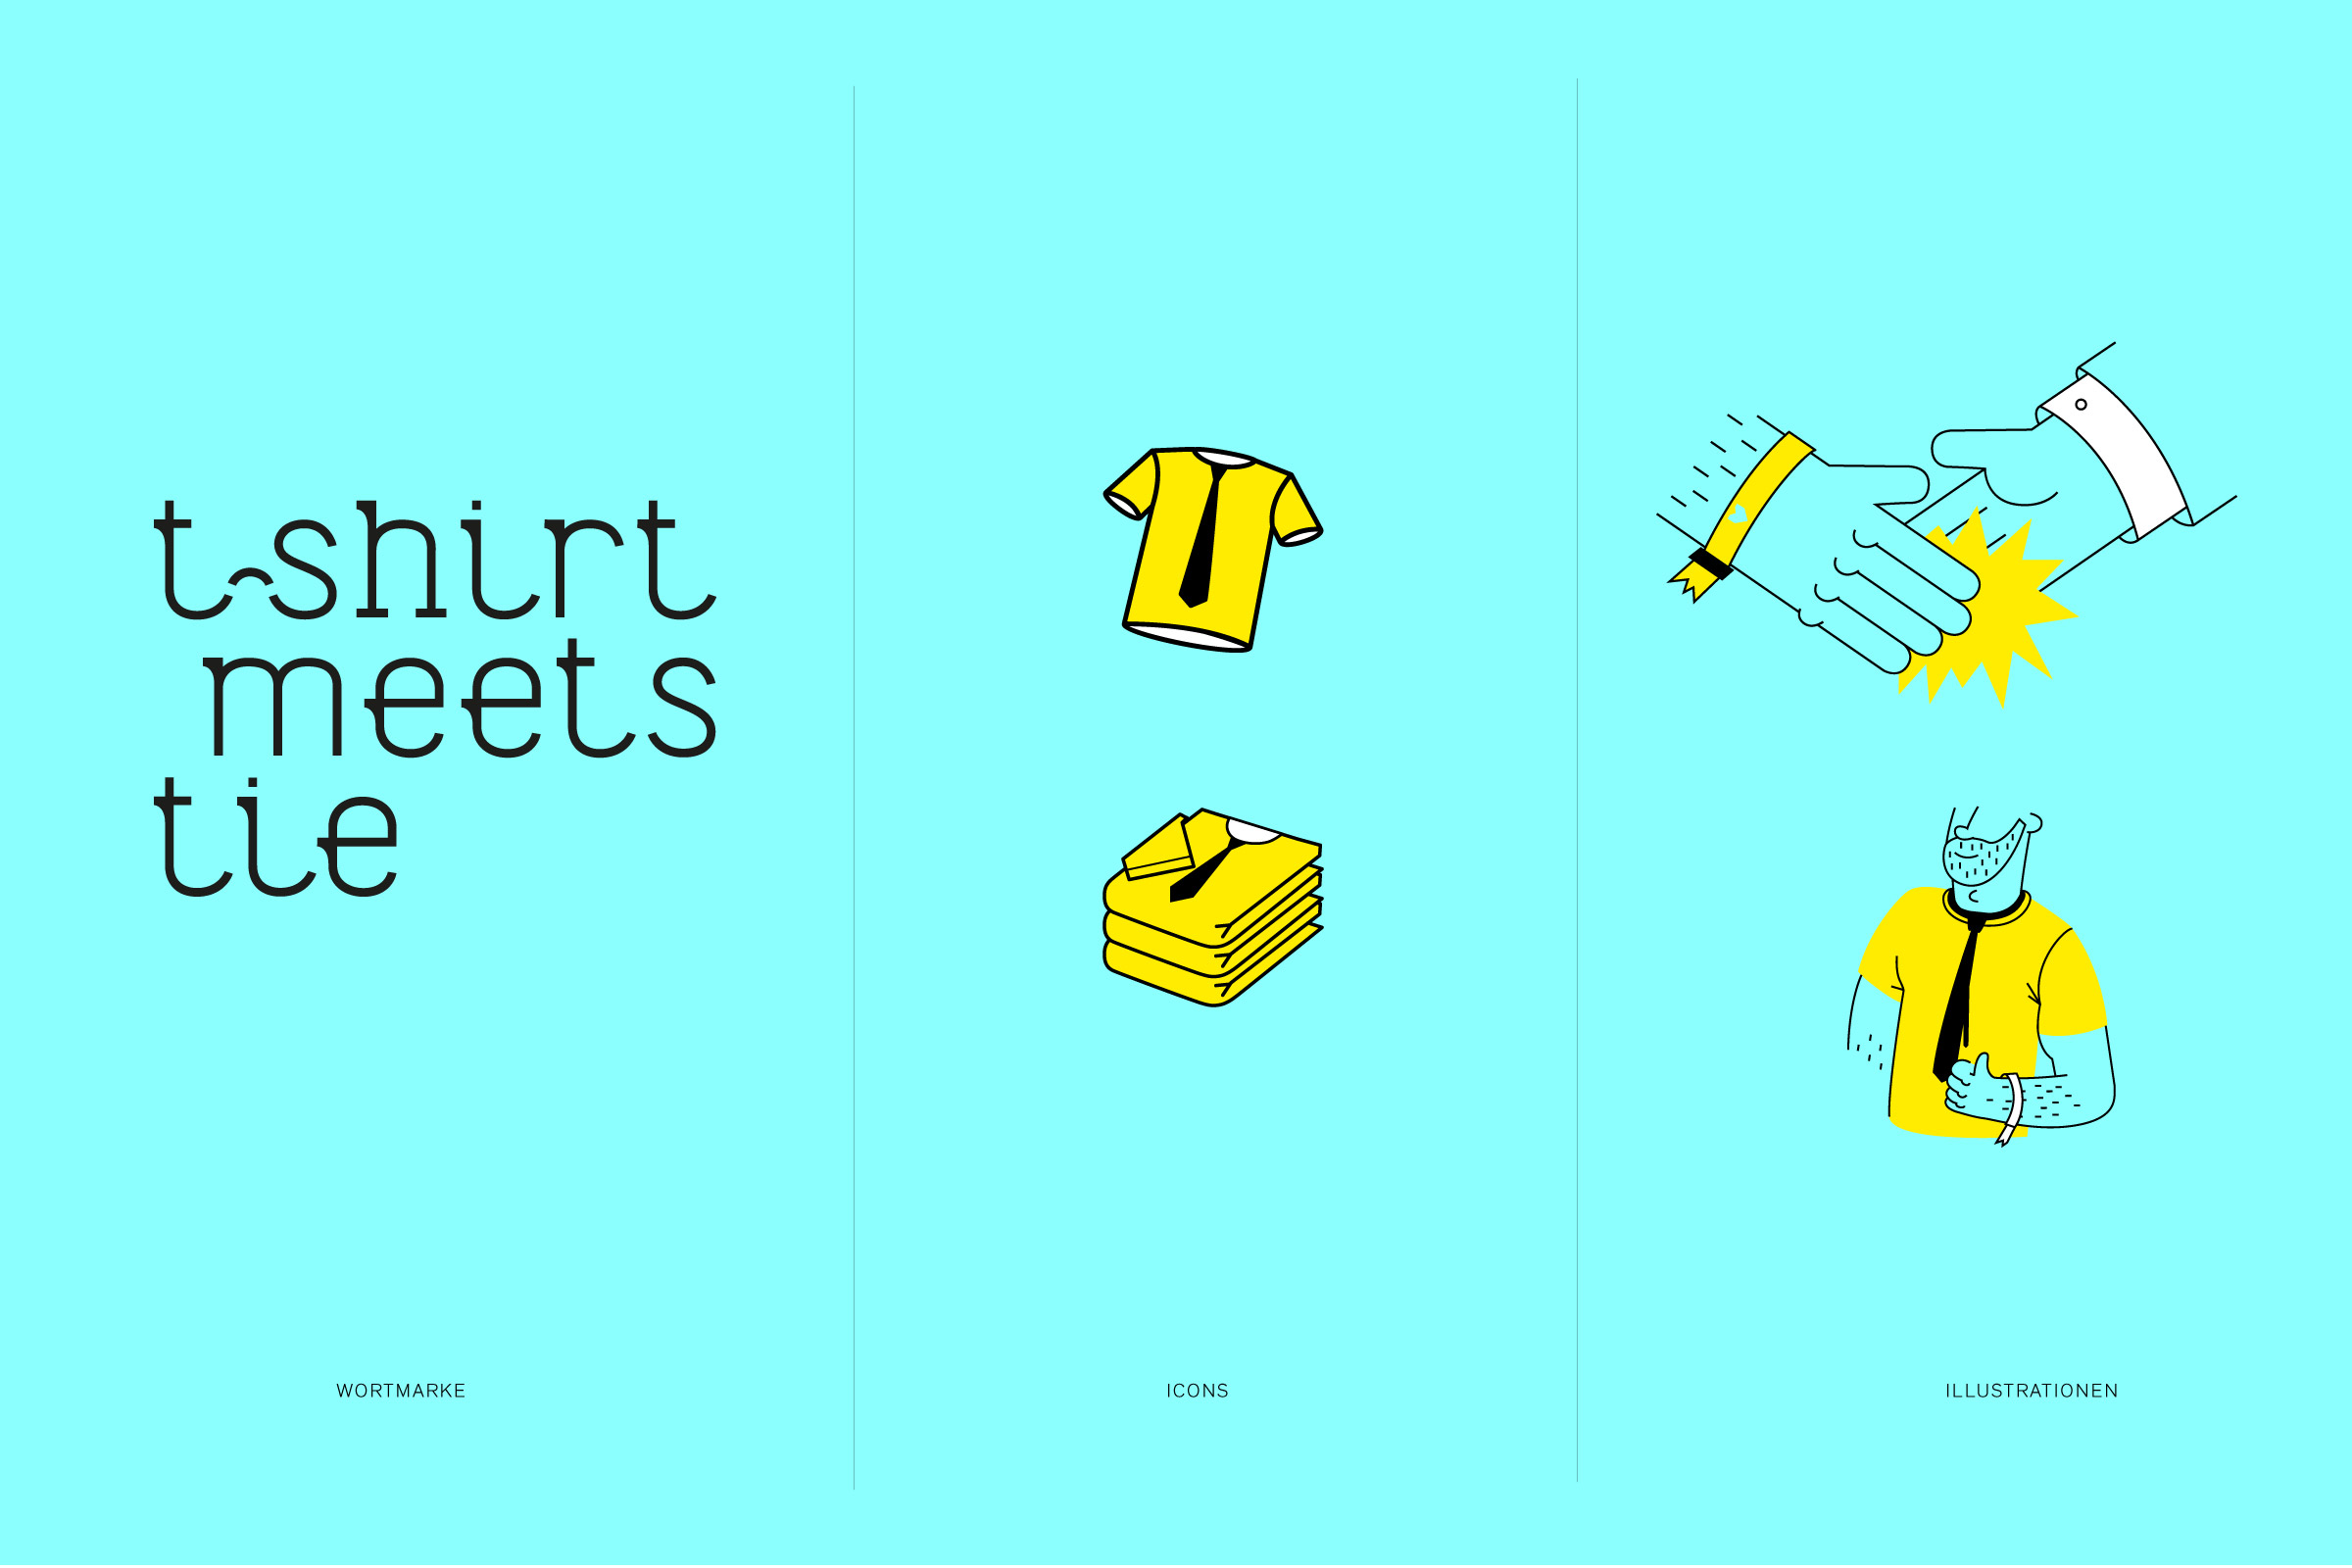 Corporate Design, Icons, Illustration, Wortmarke, Logo